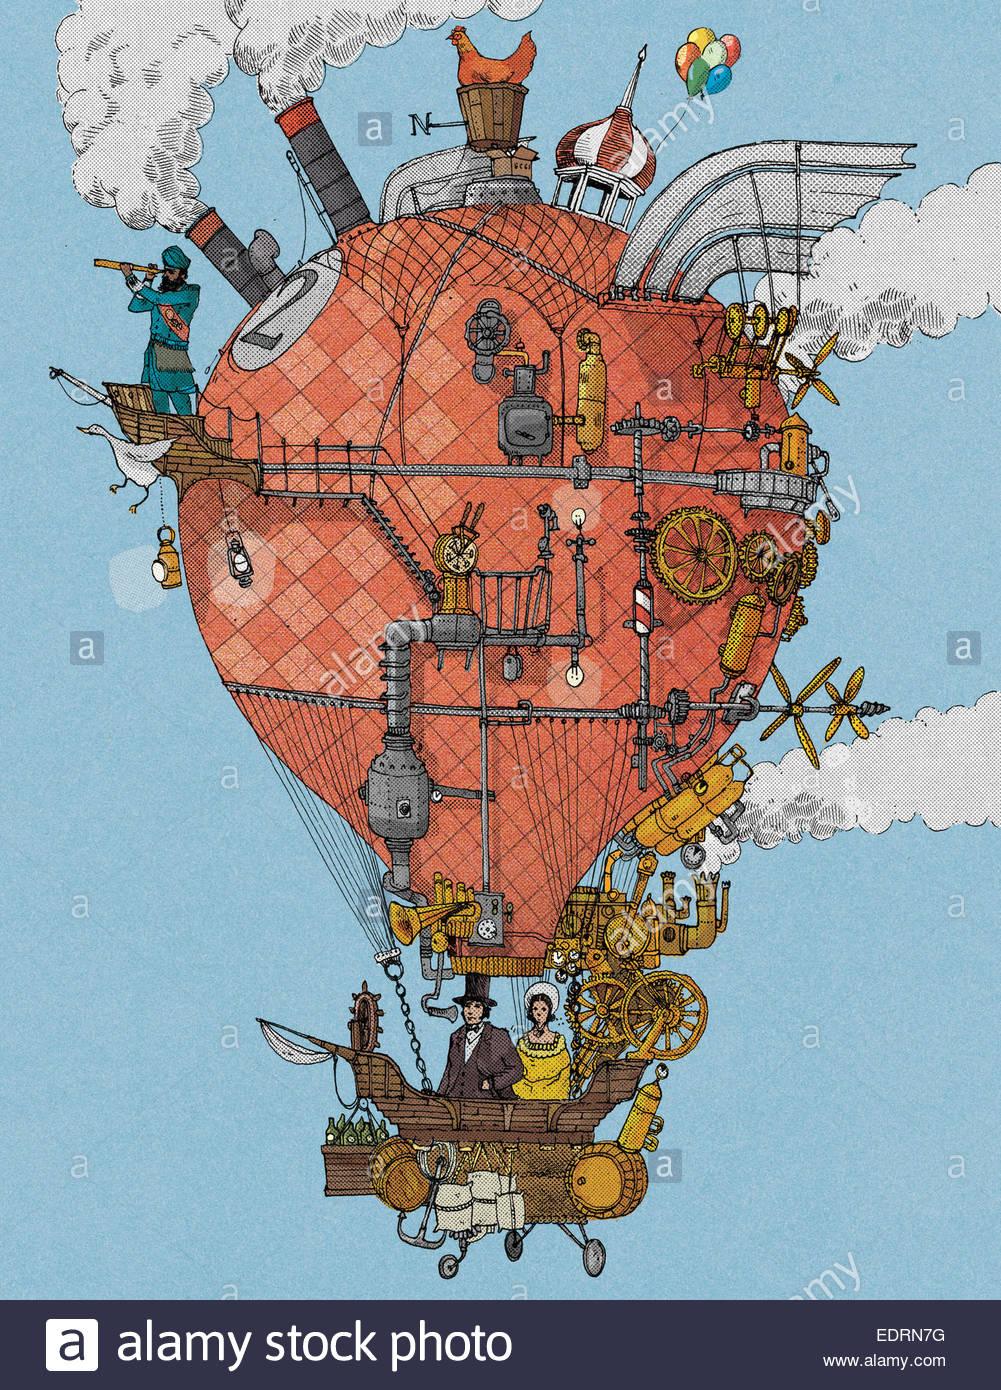 Altmodische Entdecker in hausgemachten Heißluftballon Stockbild